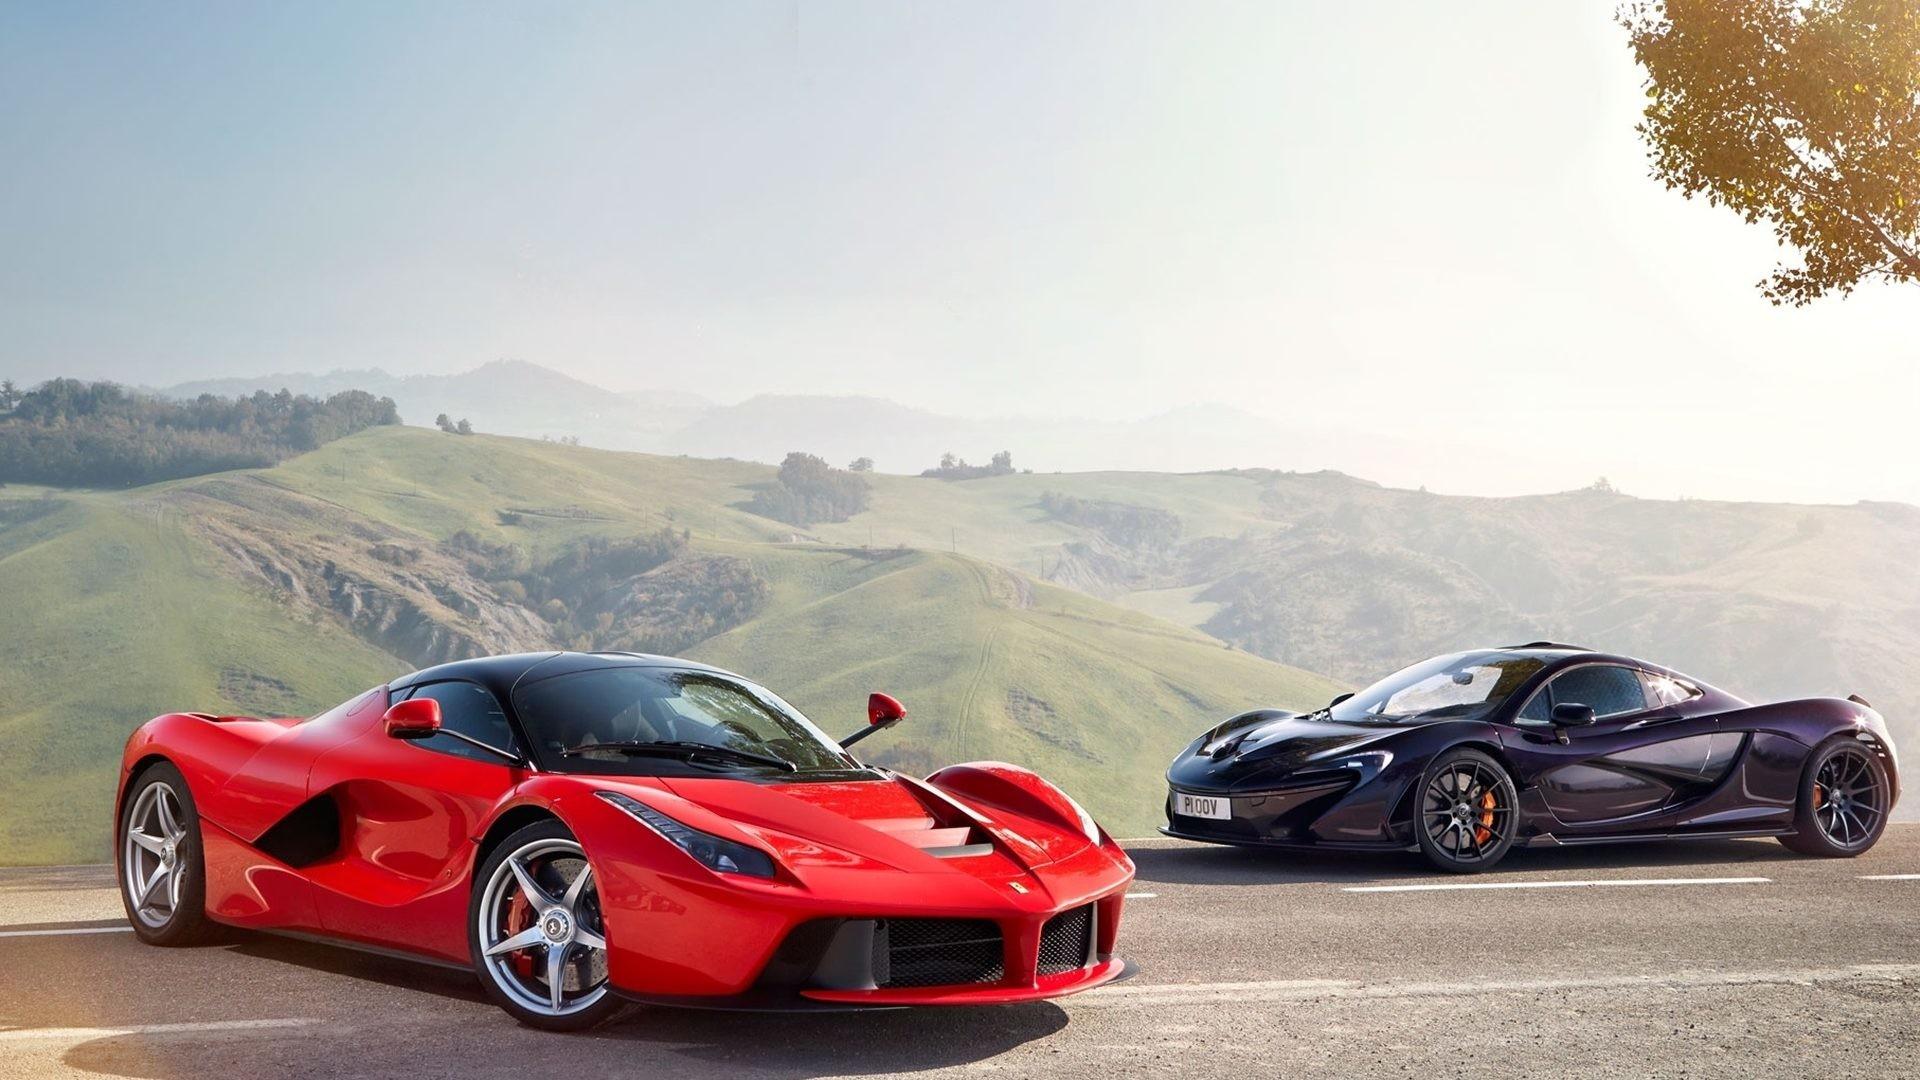 32+ 2015 Ferrari Laferrari Wallpaper  Pics